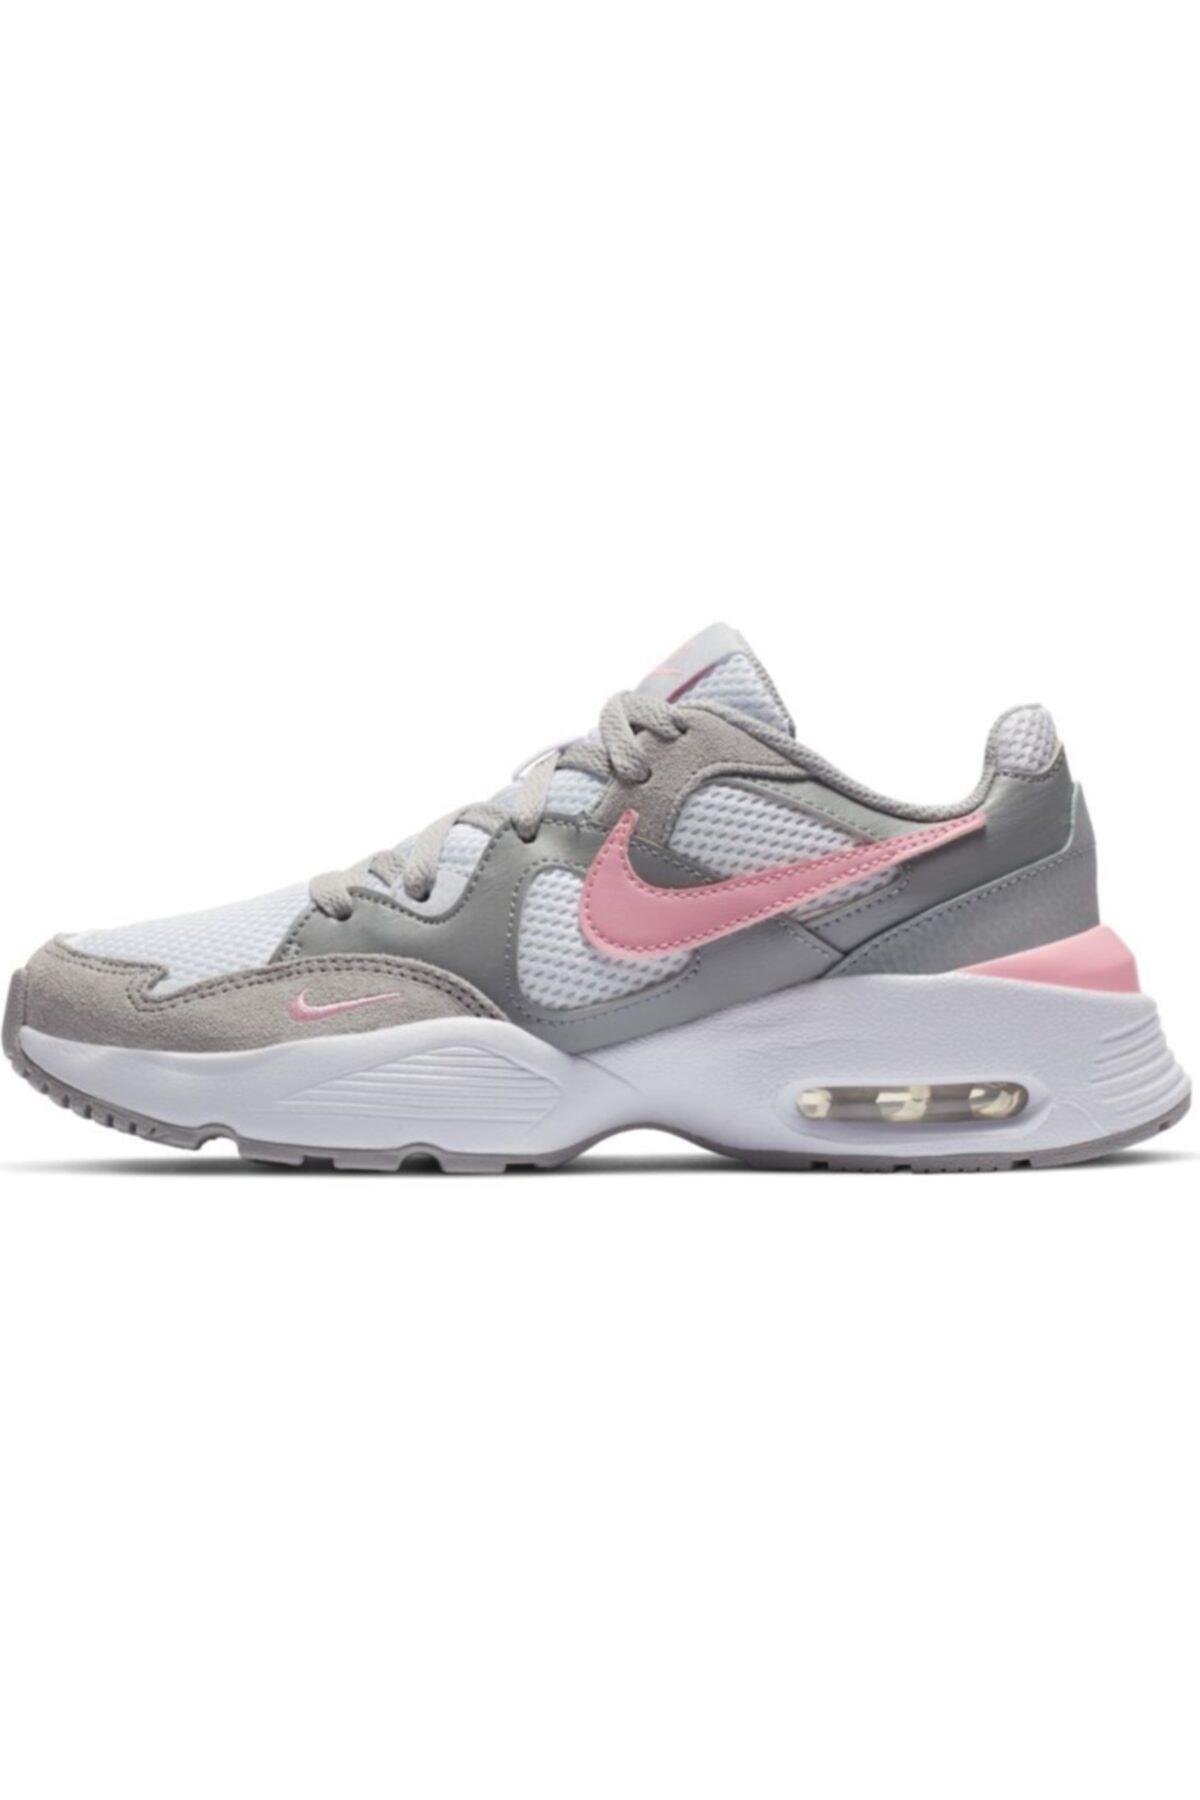 Nike Air Max Fusion Ayakkabı 2